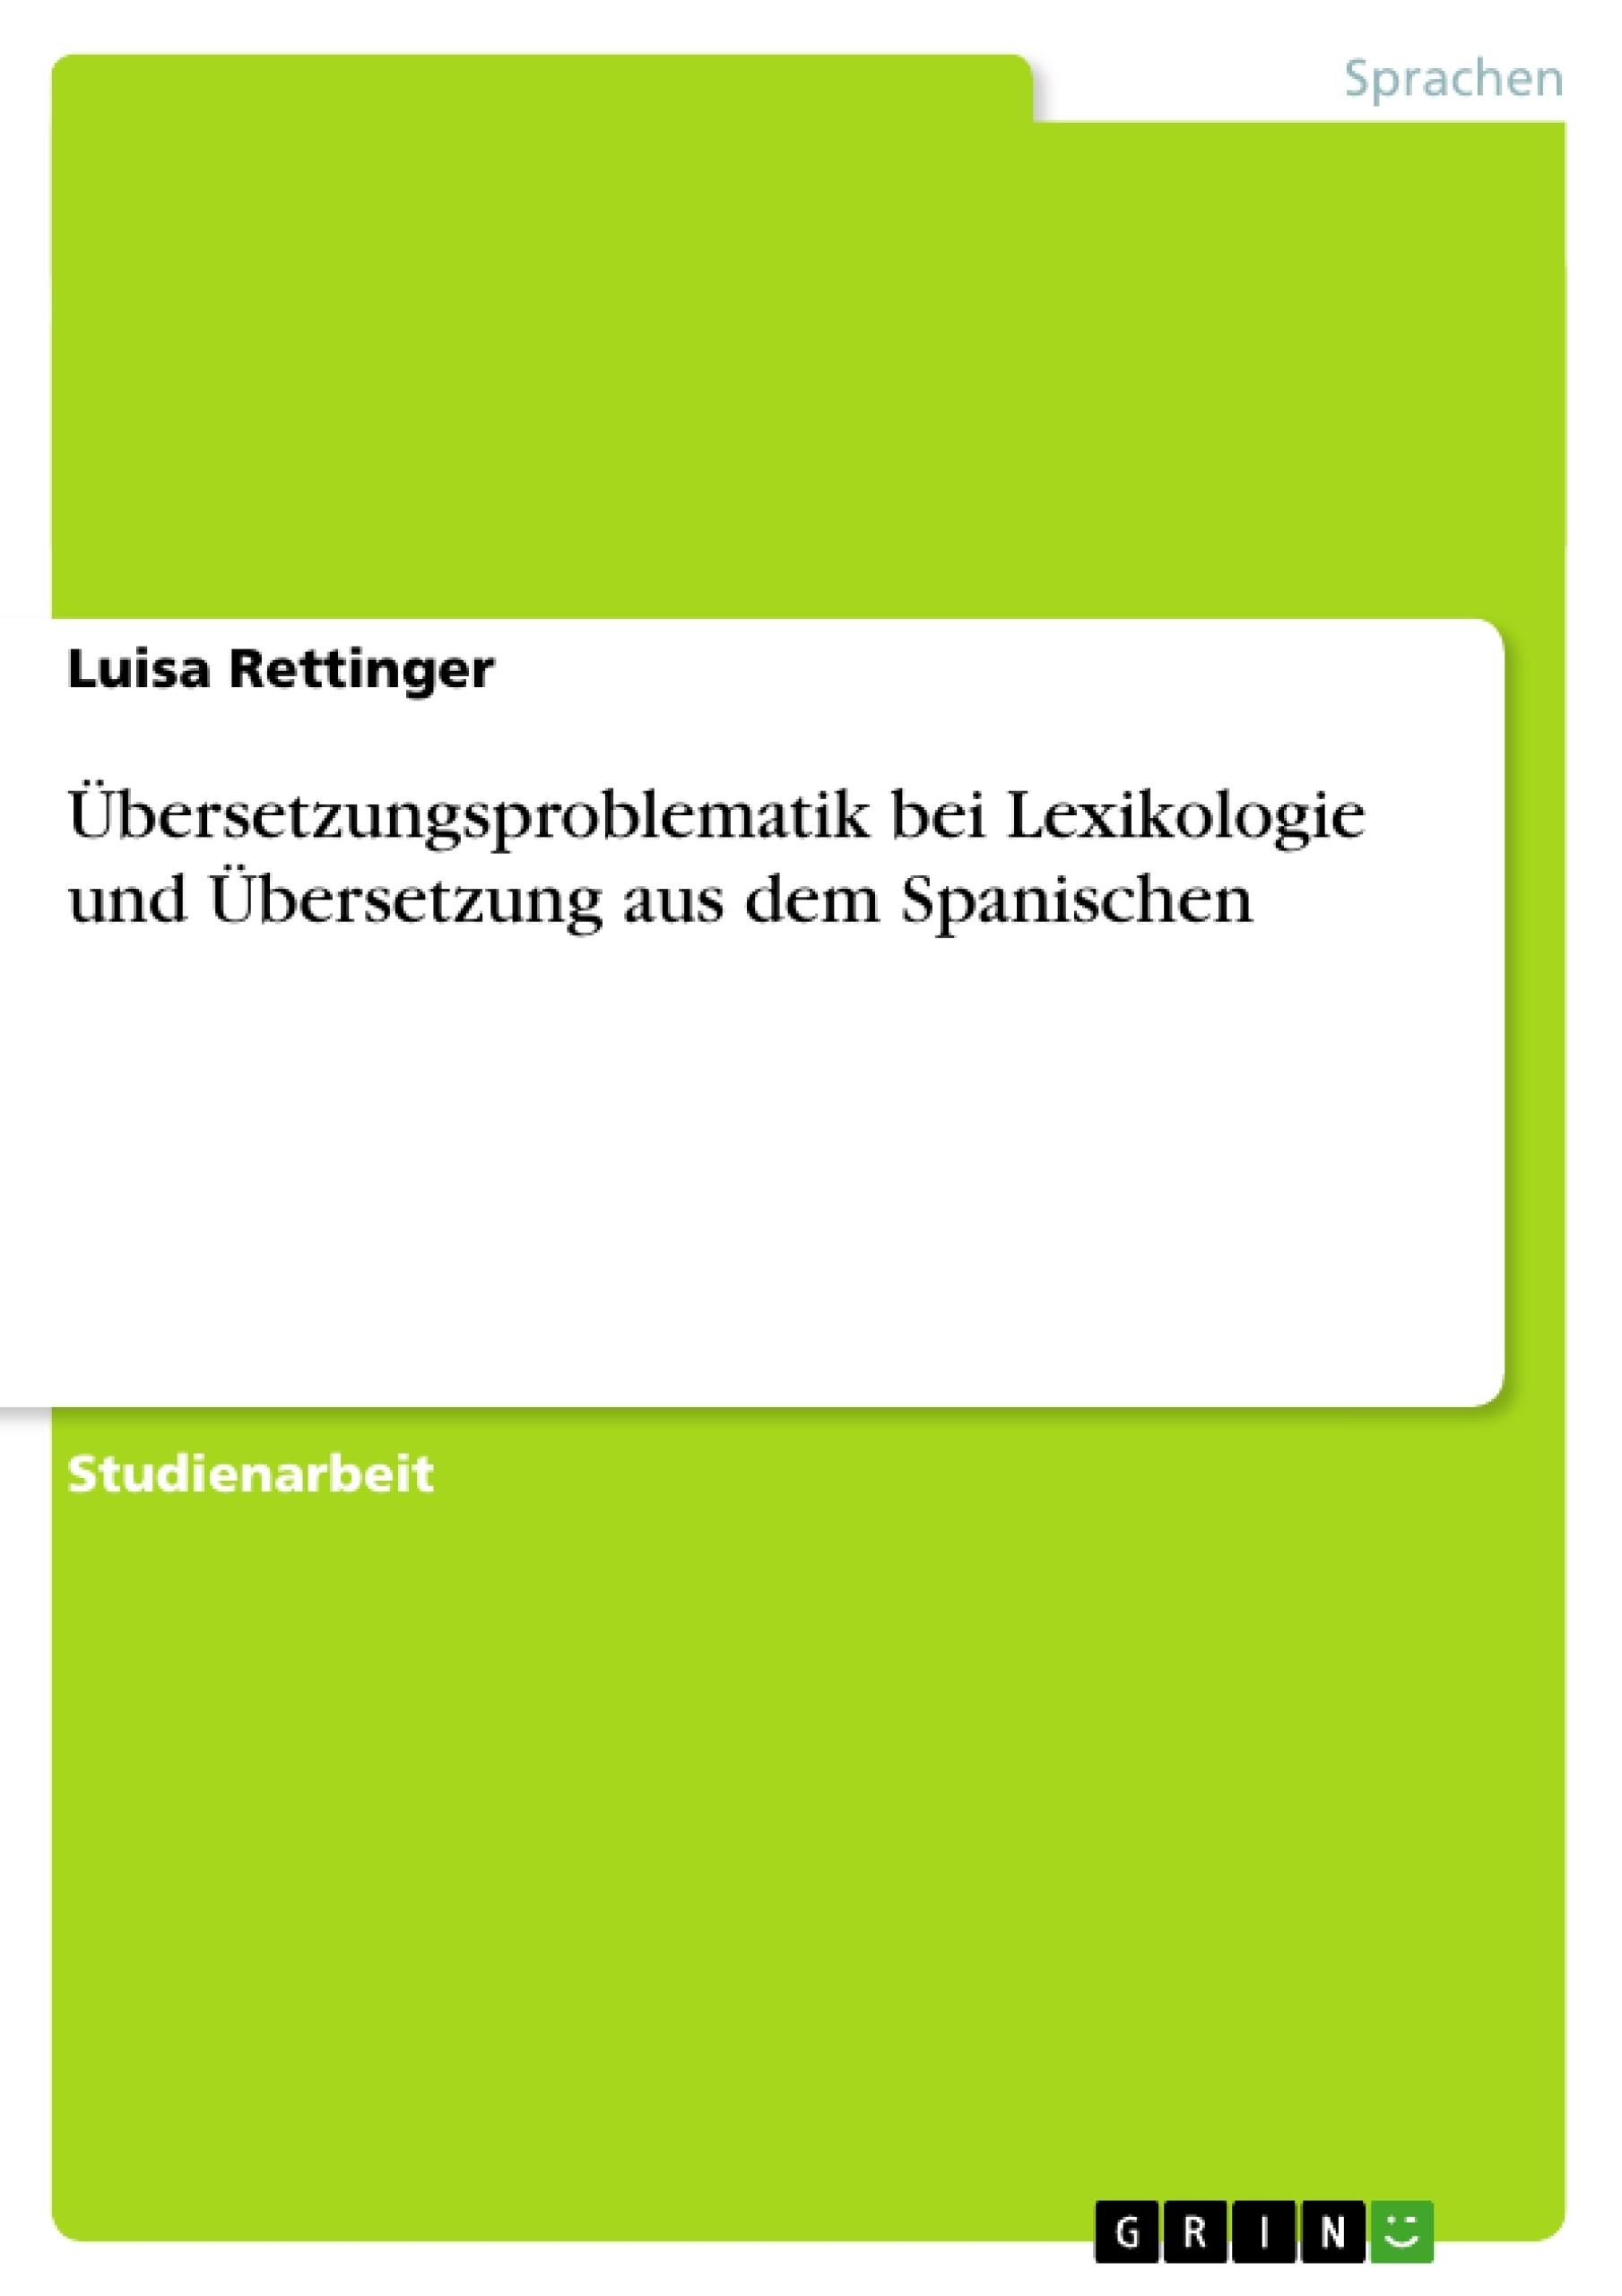 Titel: Übersetzungsproblematik bei Lexikologie  und Übersetzung aus dem Spanischen